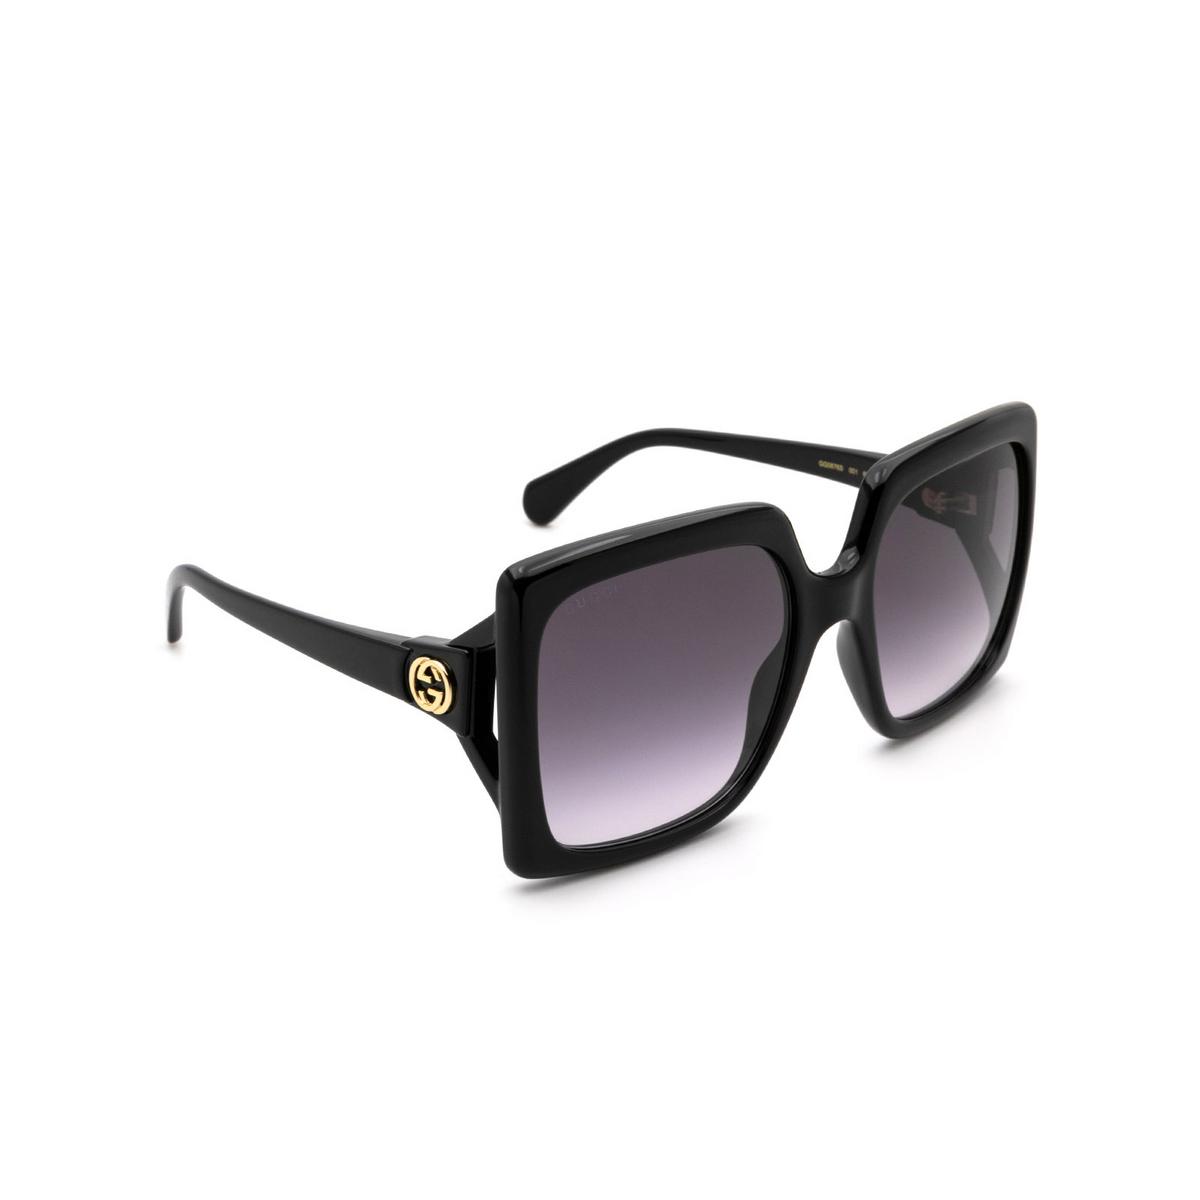 Gucci® Rectangle Sunglasses: GG0876S color Shiny Black 001 - 2/3.